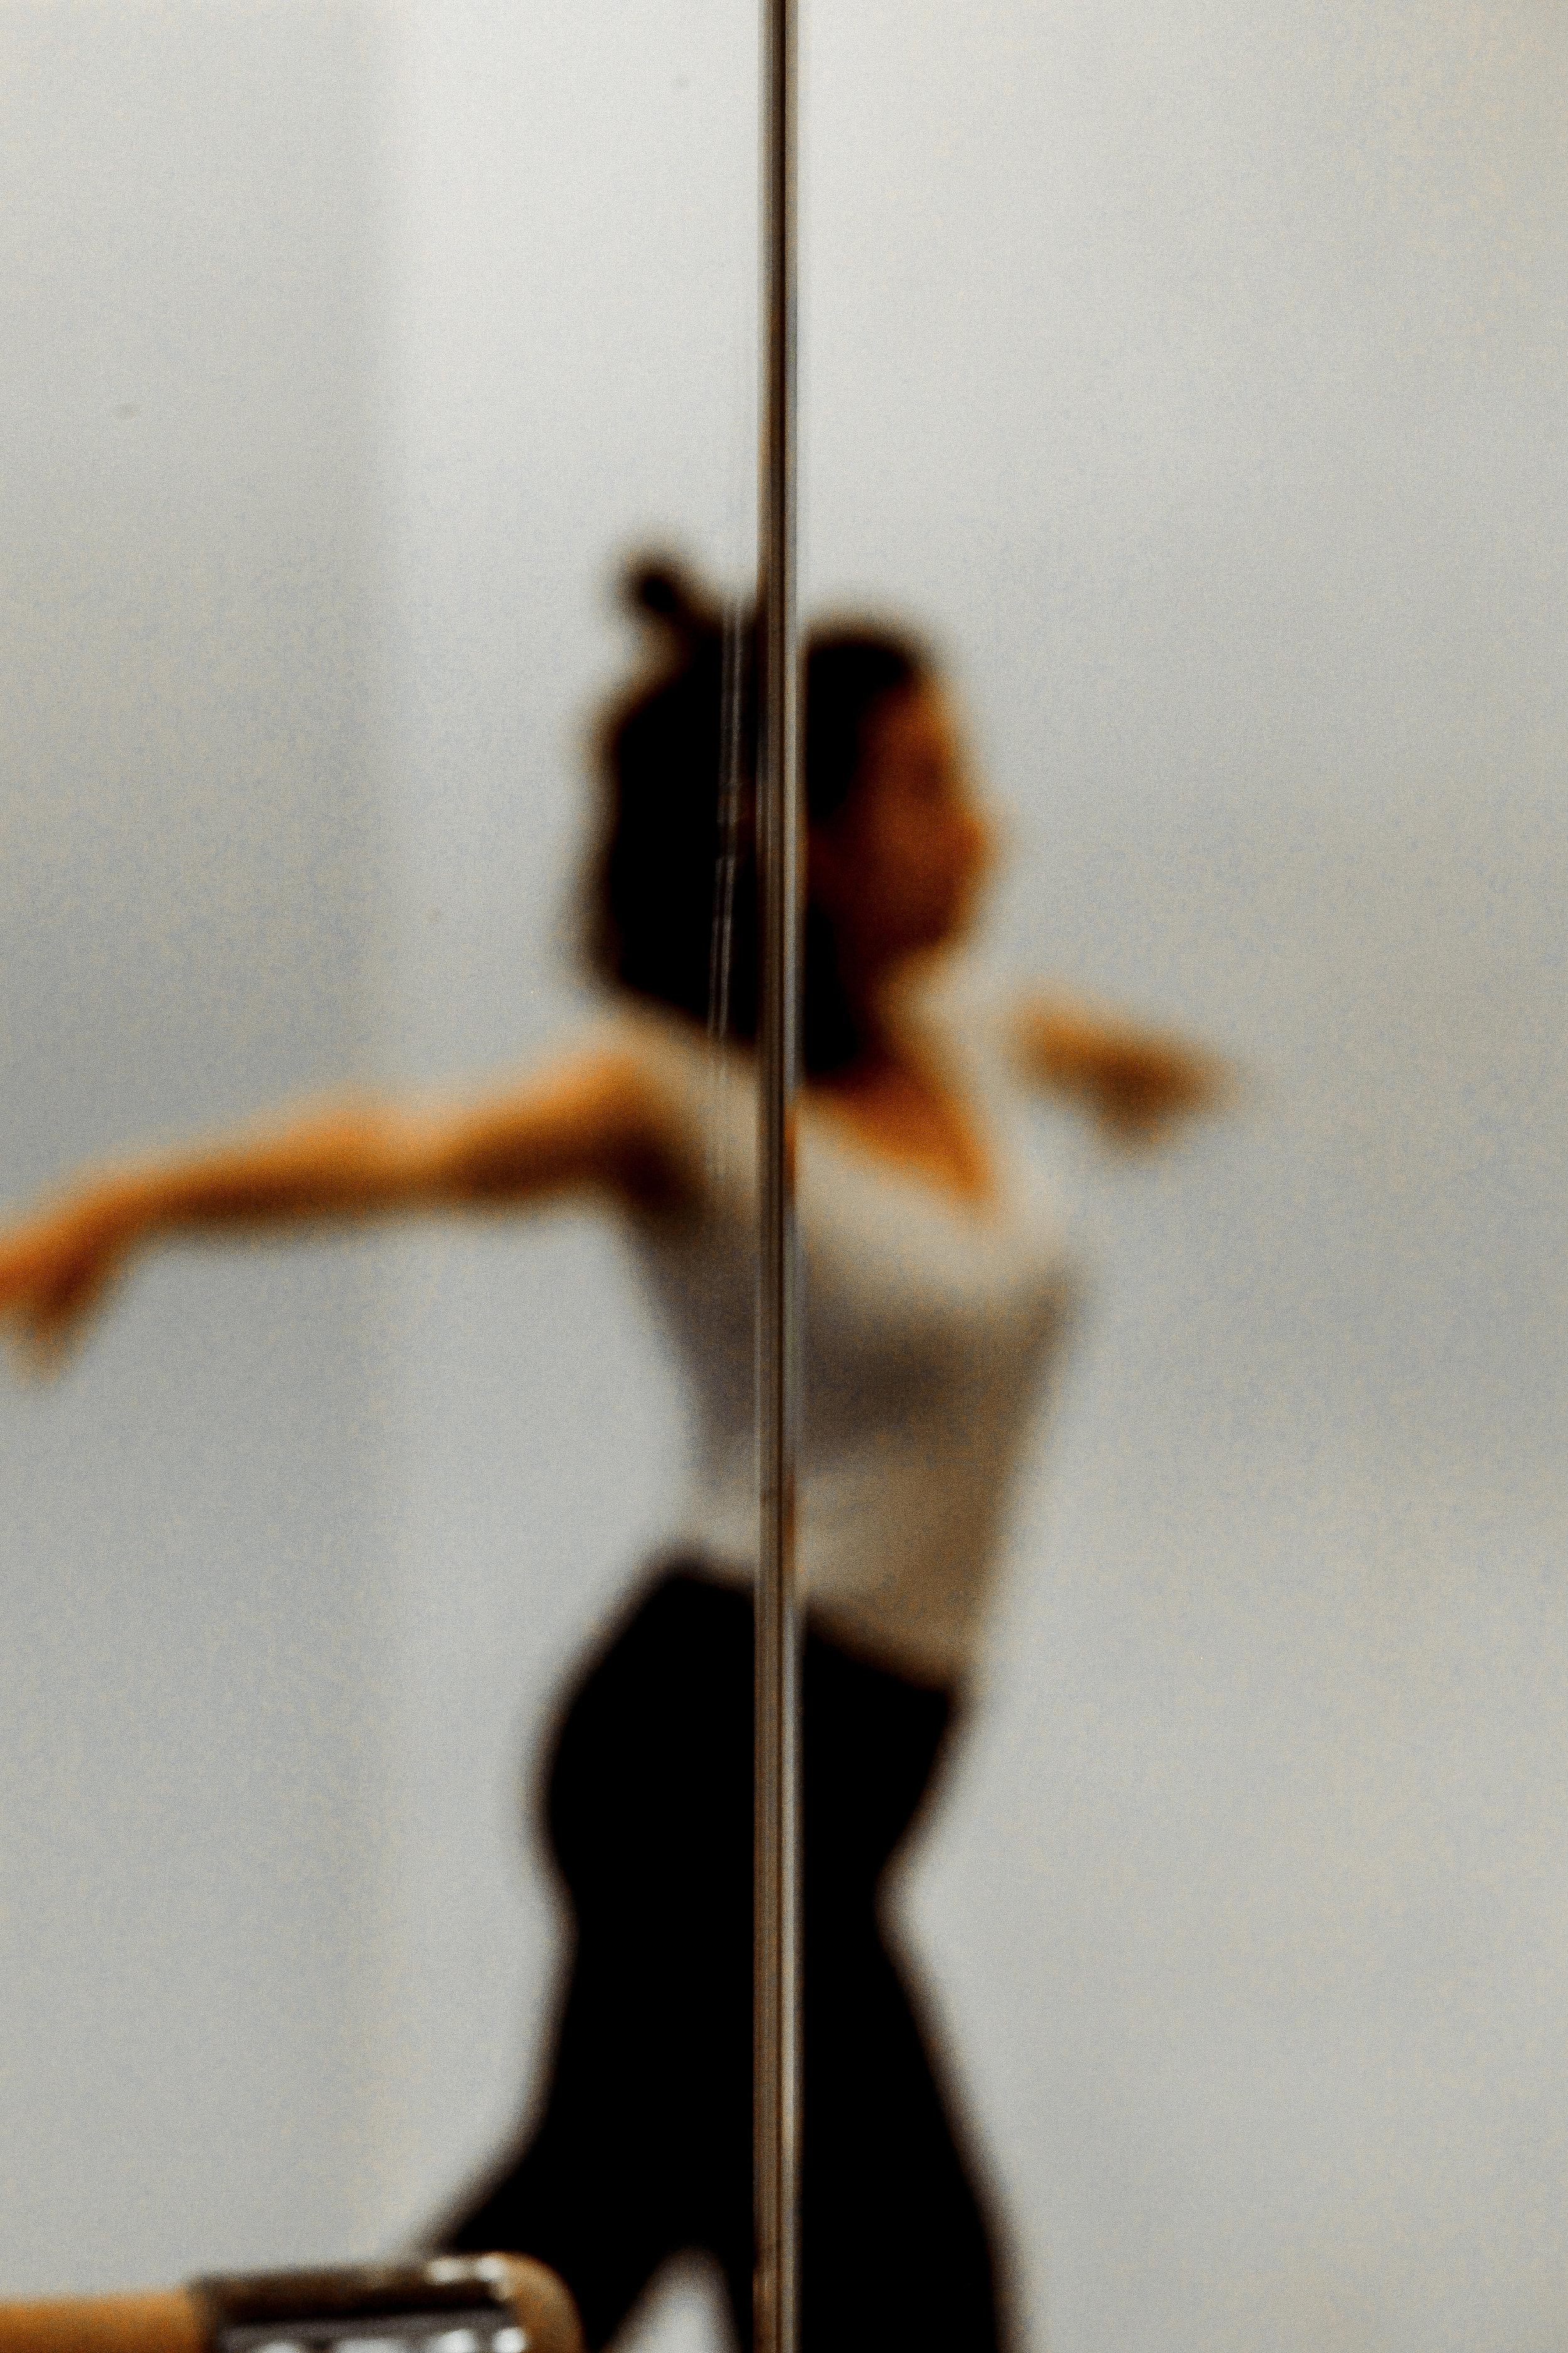 Istanbul_Contemporary_Dance_Scene_Ilayda_Ebru_Cansiz_Vortex_Cihan_Bacak